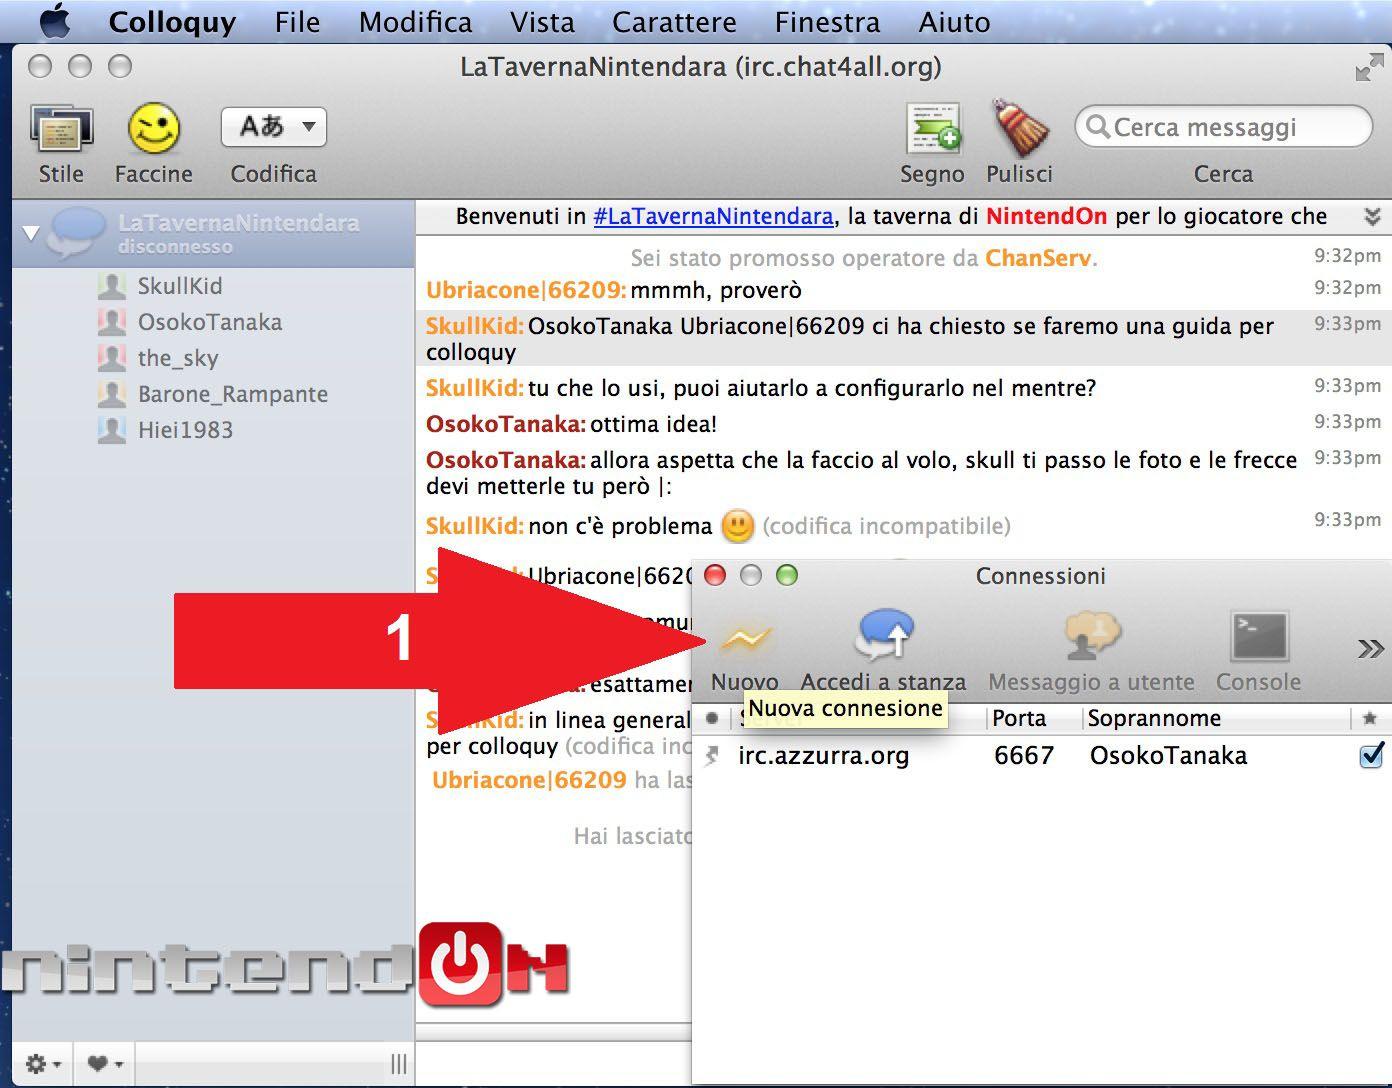 Guida Colloquy schermata 2 chat di colloquy